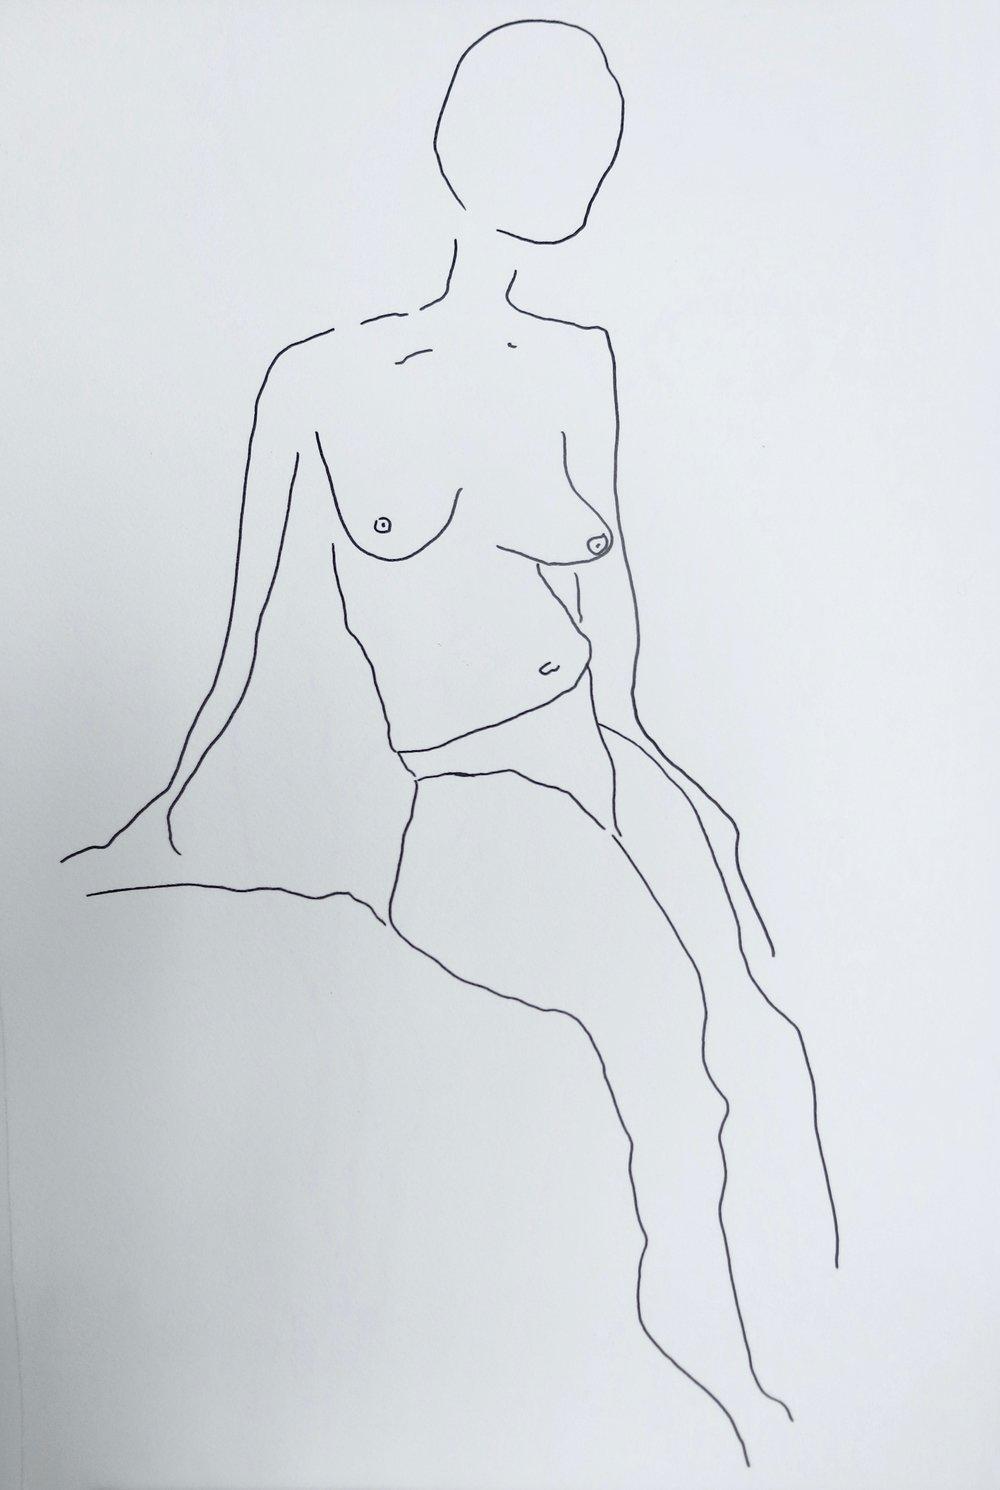 Our Women #5   Pen on archival paper  Unframed: 42 x 30 cm